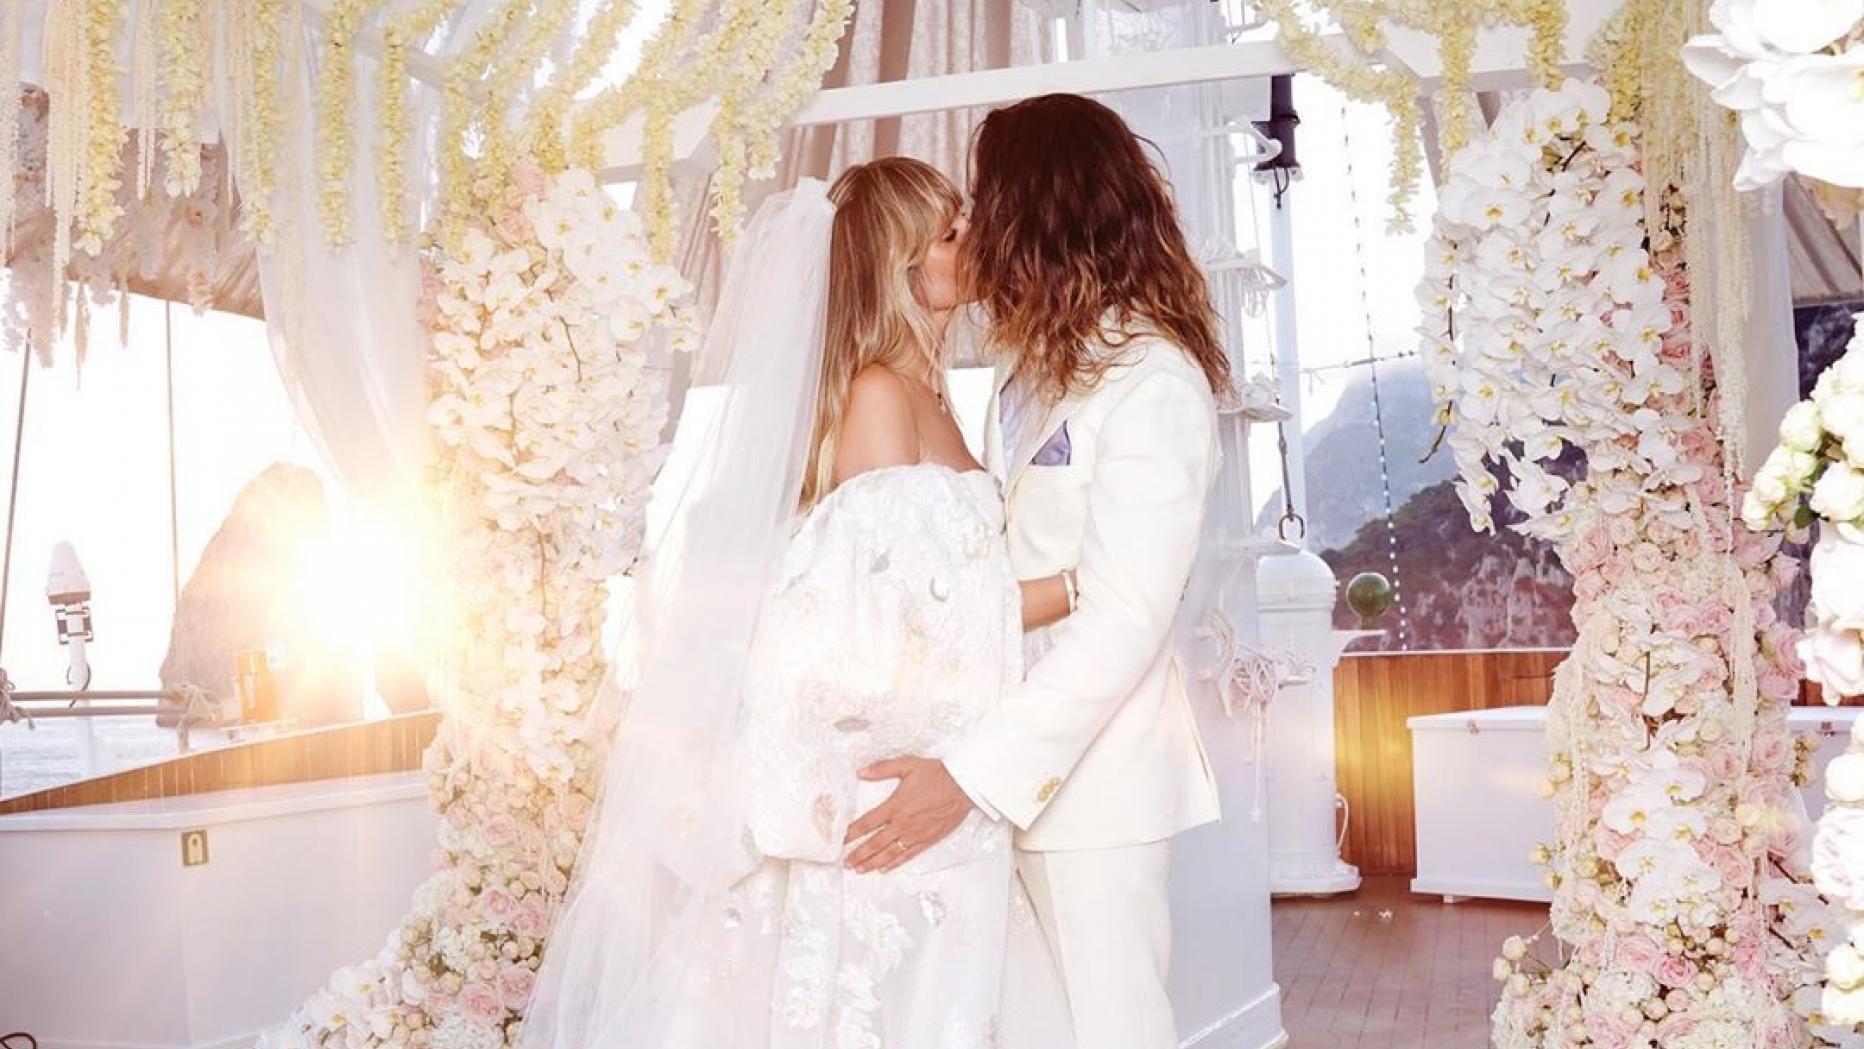 Heidi Klum Lüftet Brautkleid-Geheimnis - Und Überrascht Mit